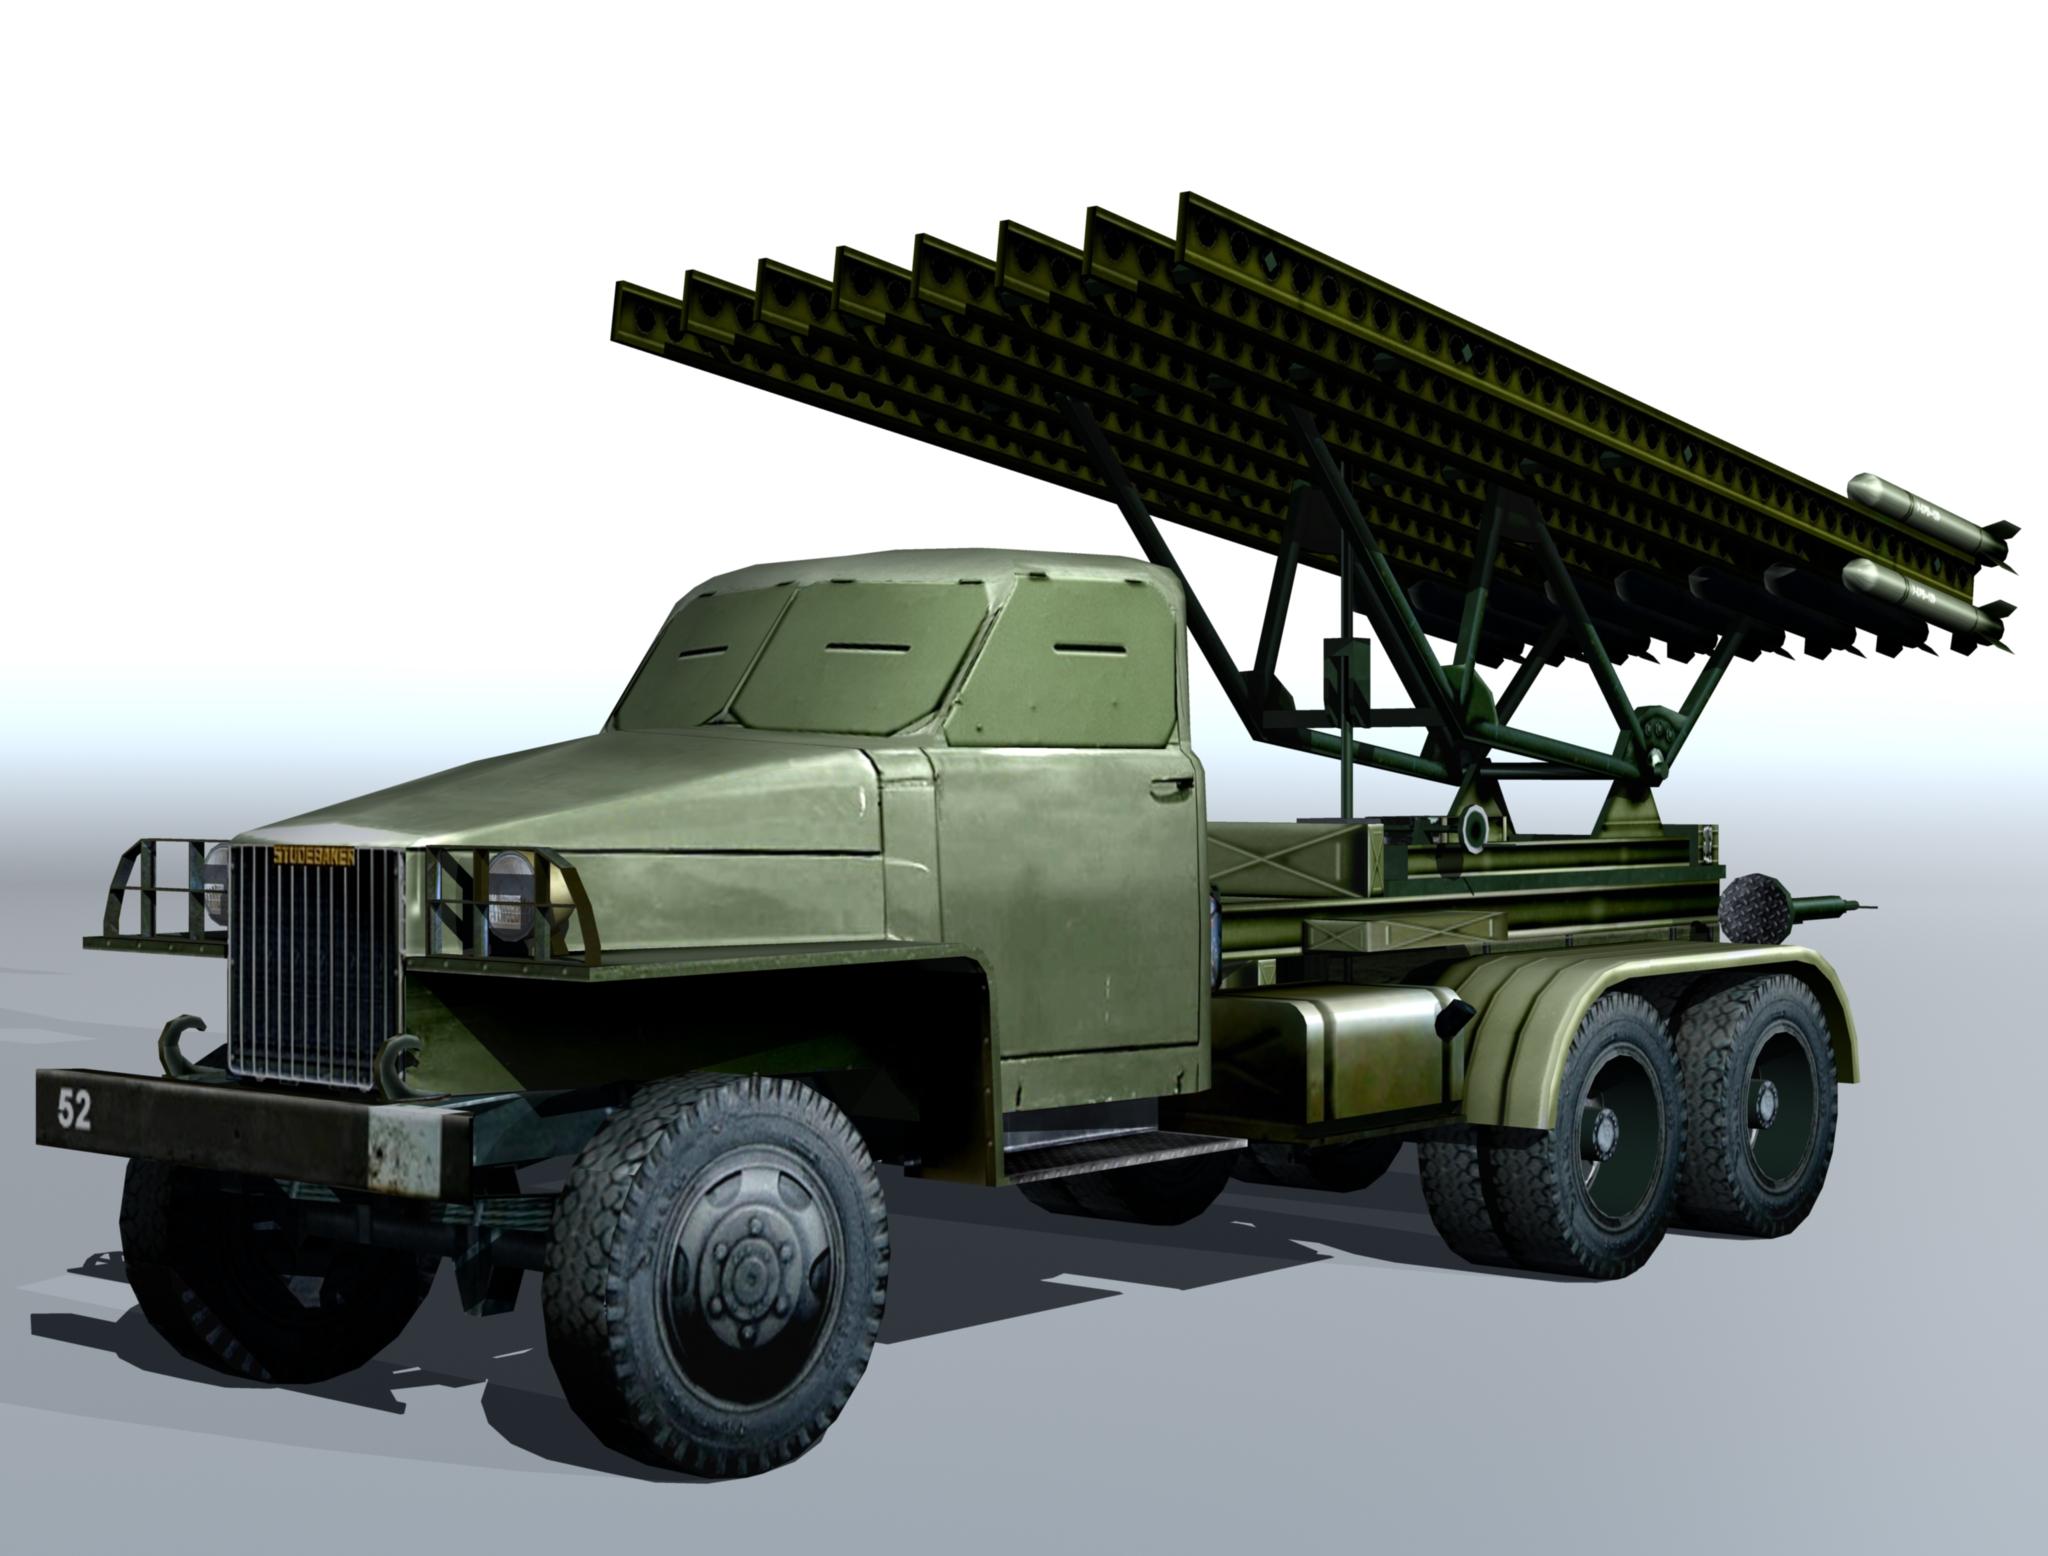 bm-13 – installation rocket artillery 'katusha'. 3d model 3ds max fbx obj 213993